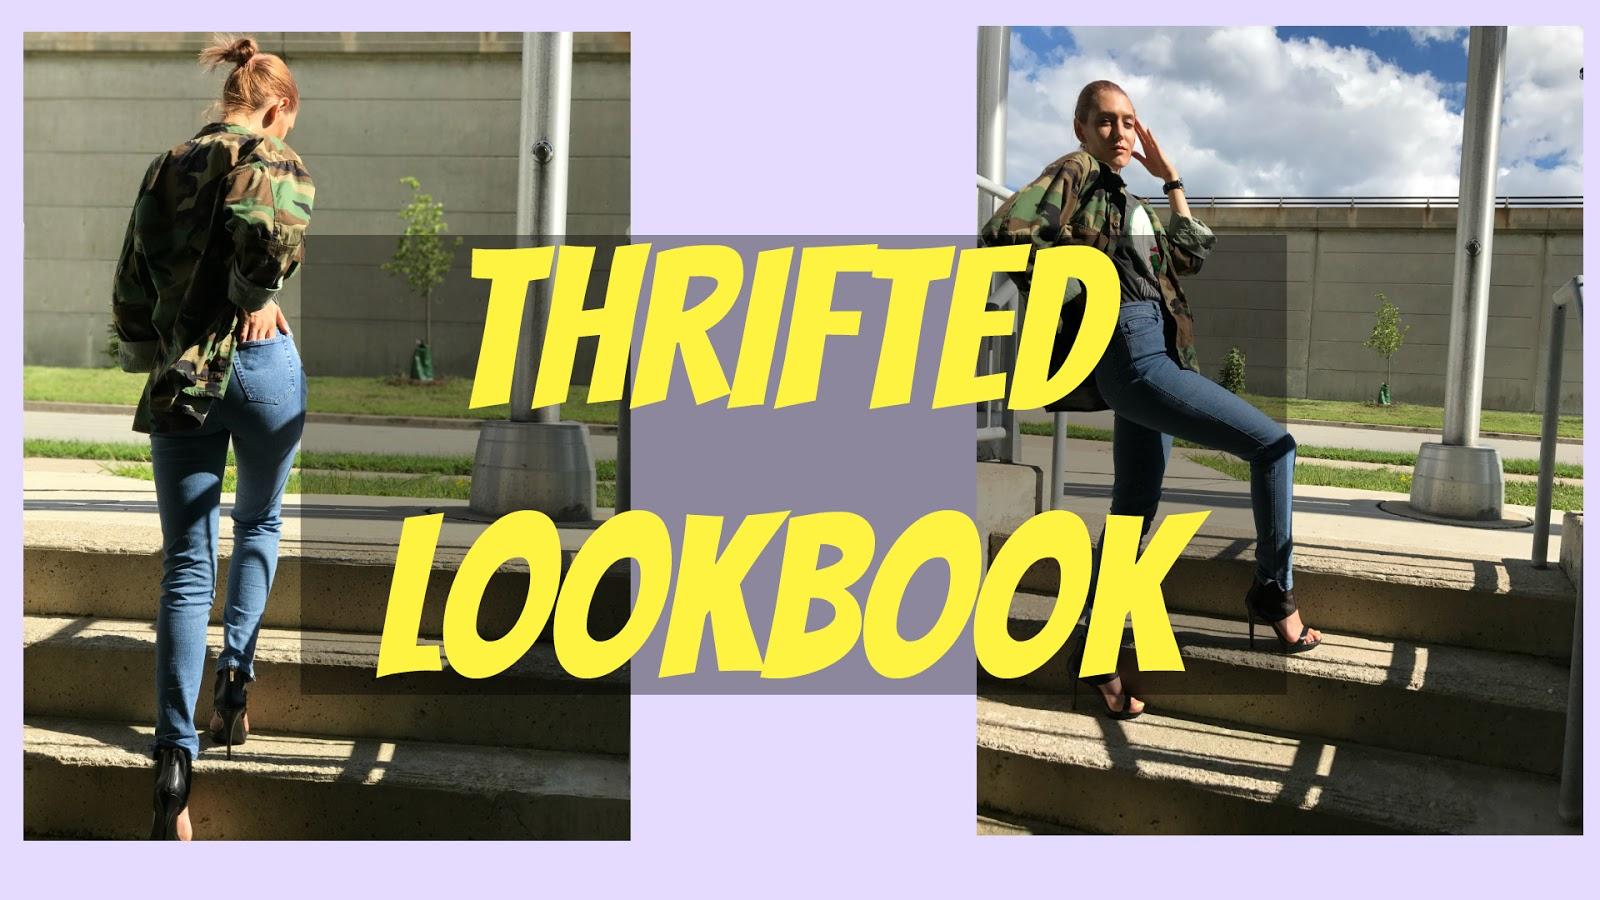 Thrifted Lookbook